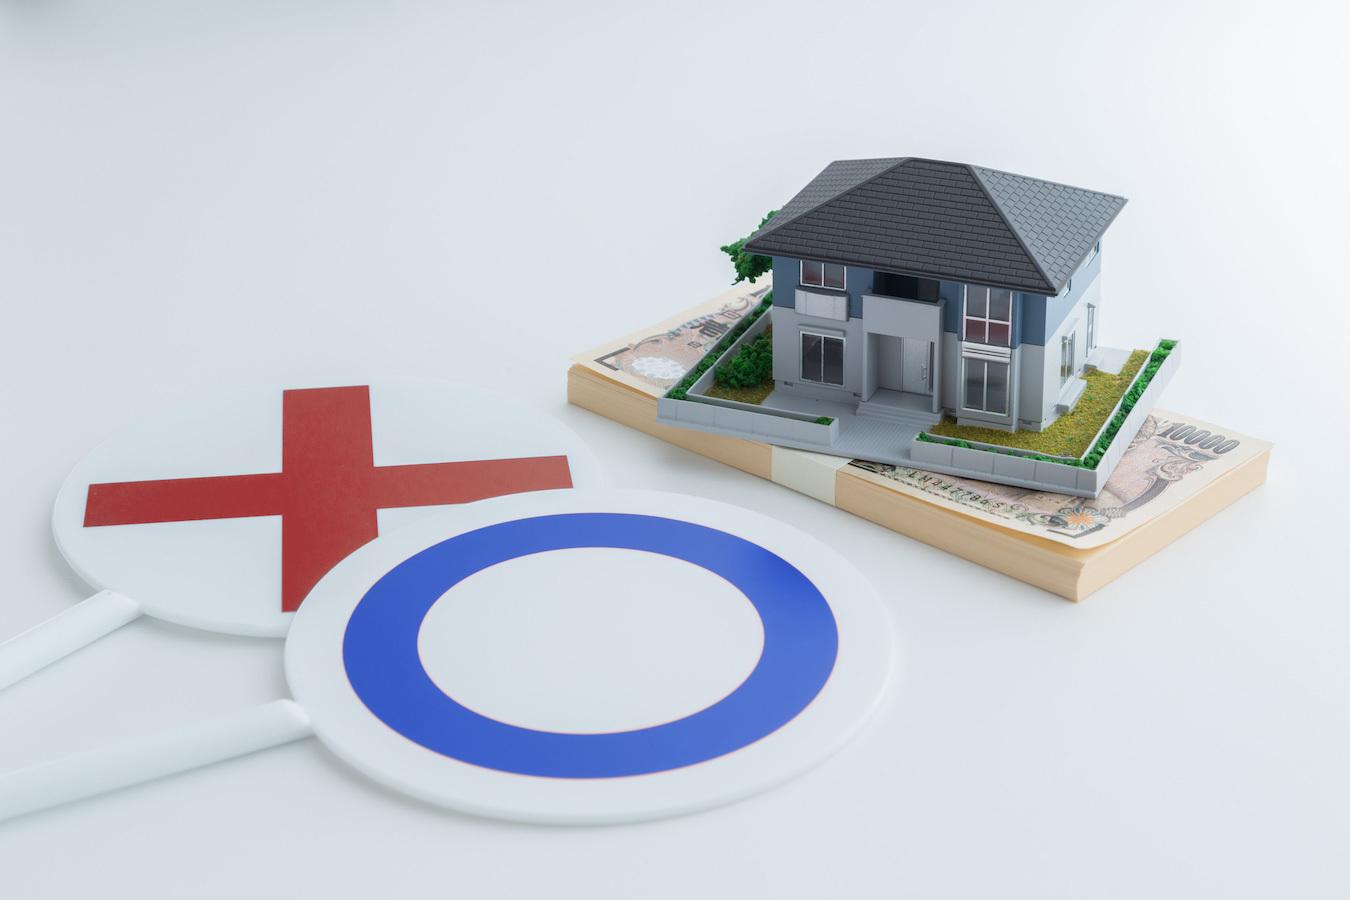 賃貸と購入のメリットとデメリットは?